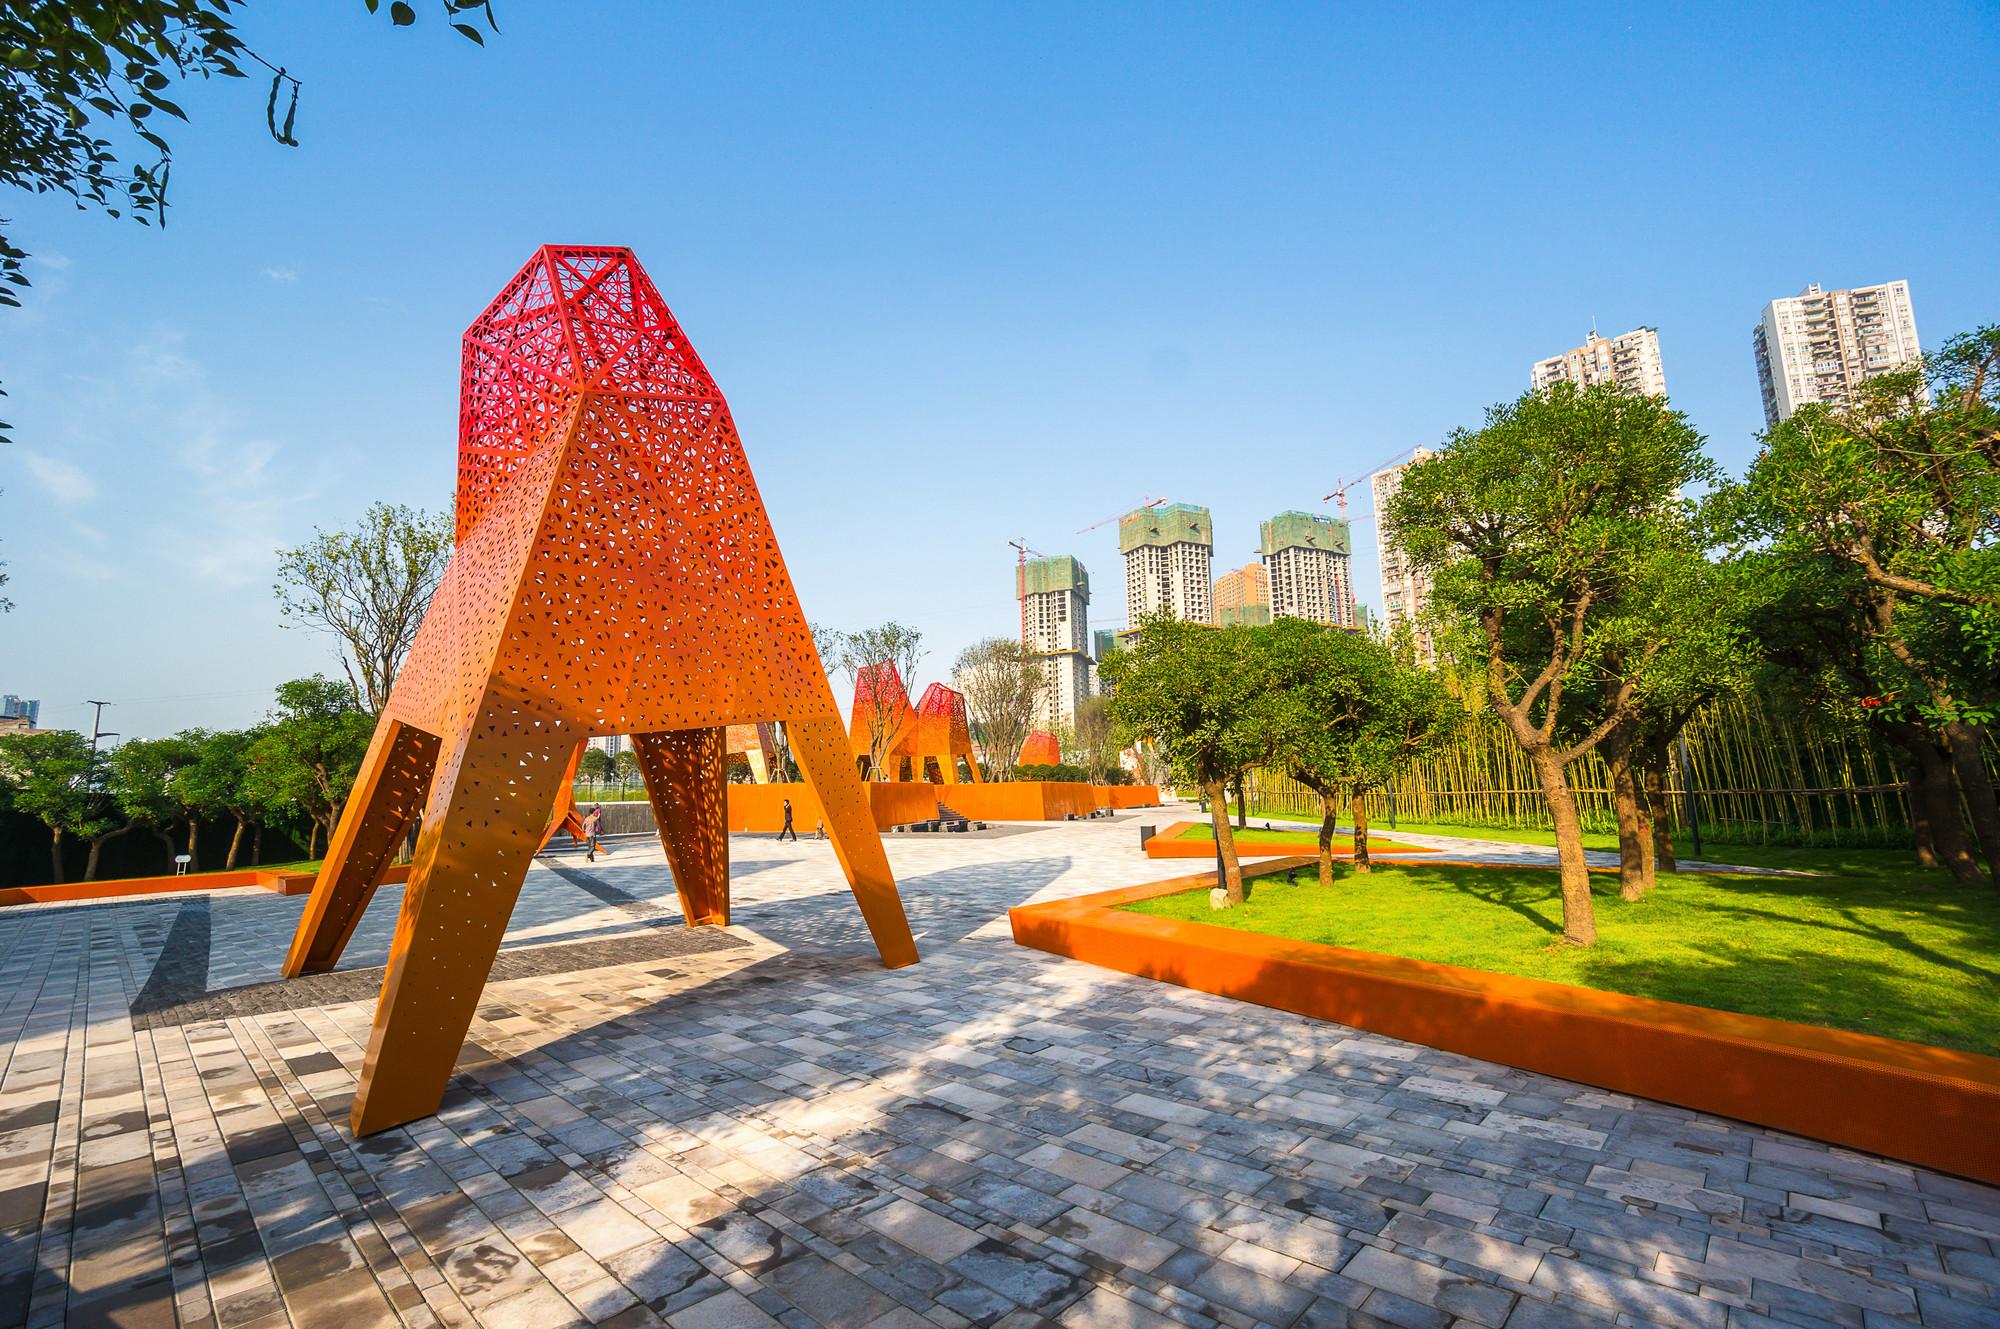 Arquitectura y Paisaje: Pabellones de metal perforado se elevan por encima de un parque por Martha Schwartz, © Terrence Zhang